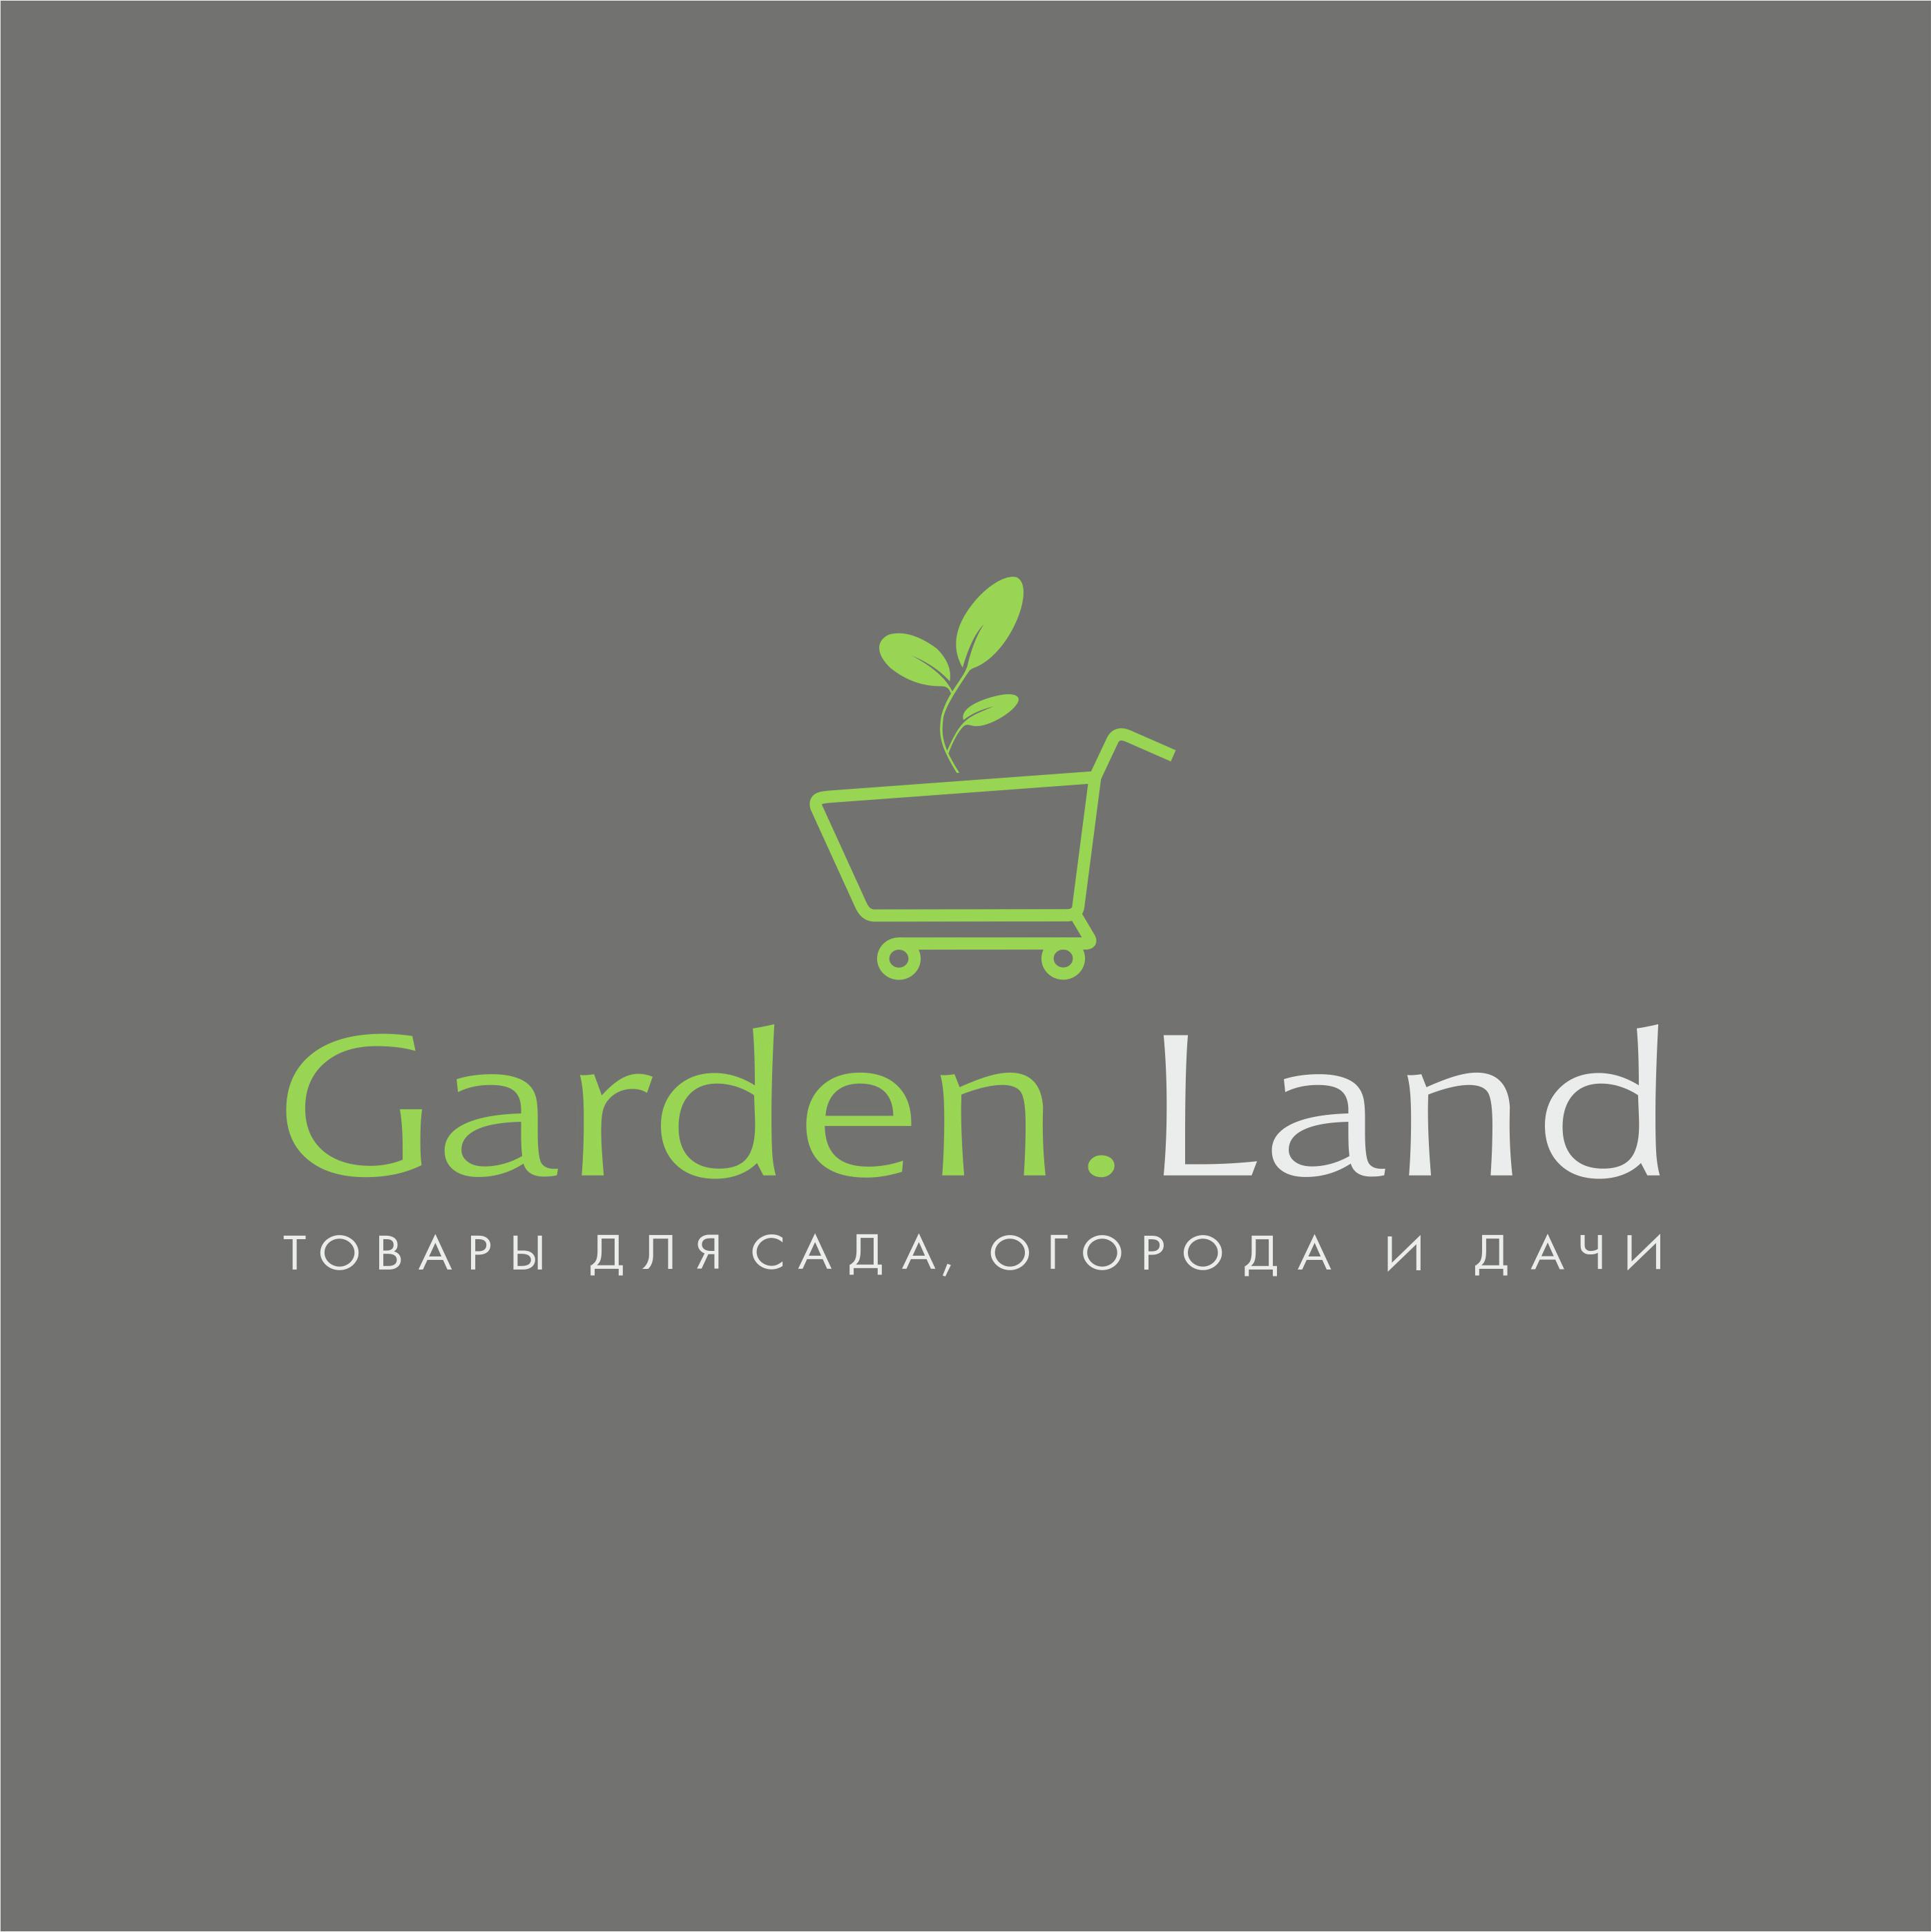 Создание логотипа компании Garden.Land фото f_9395986e77d9cf4c.jpg